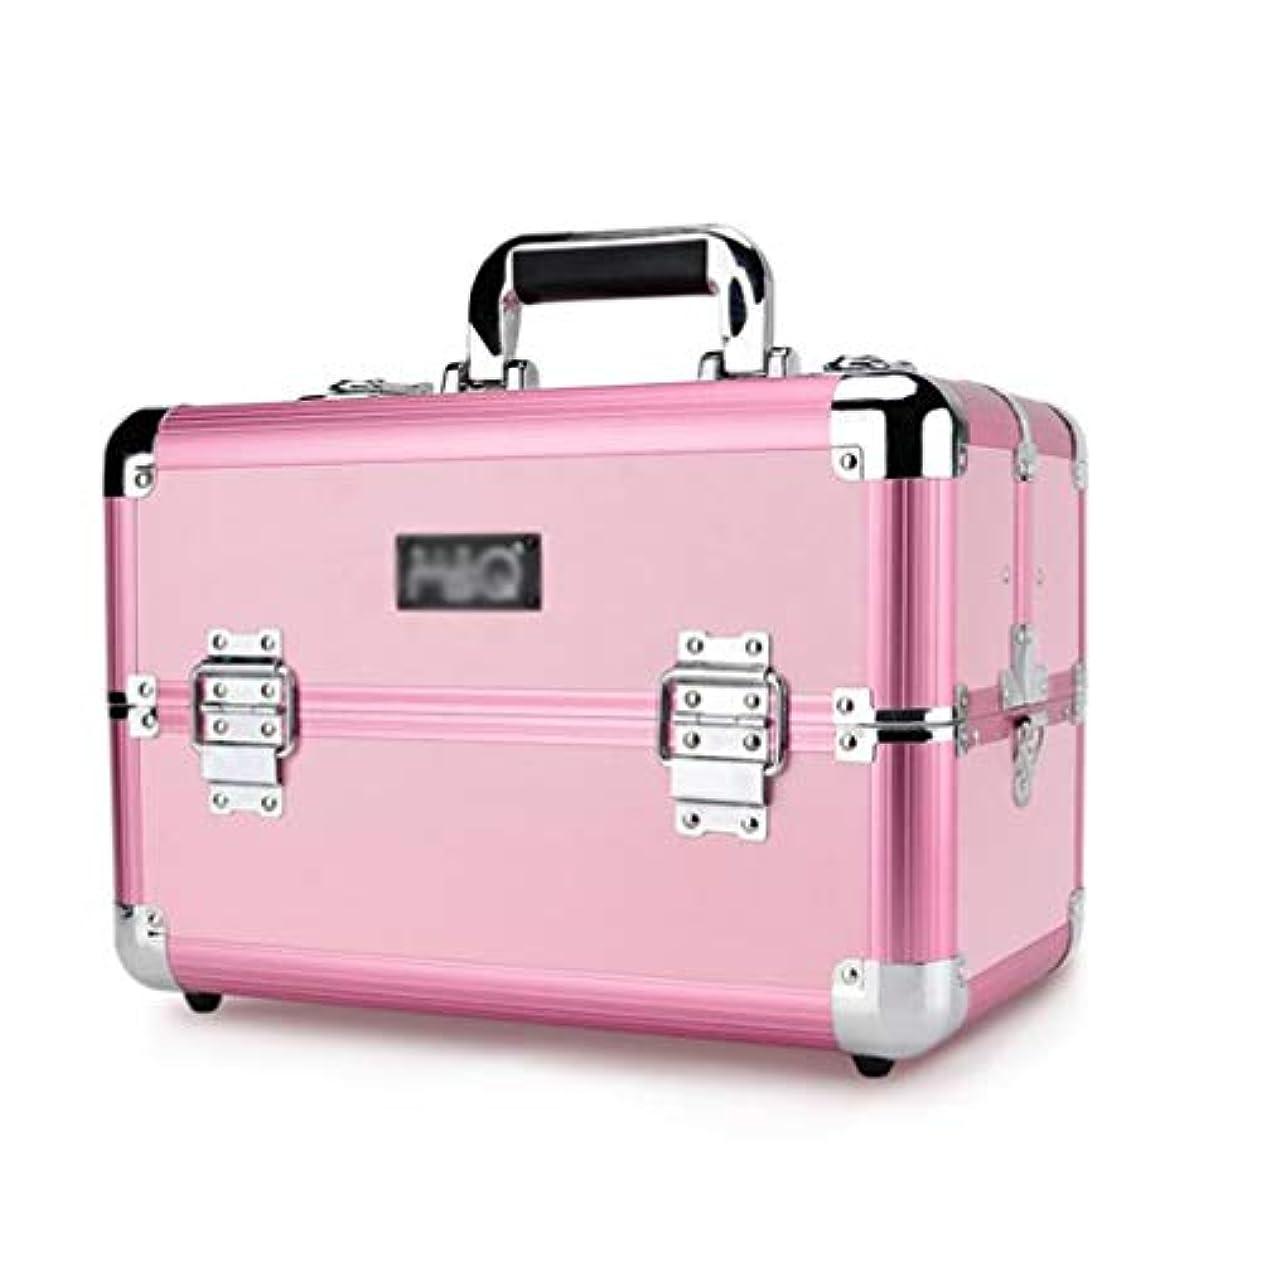 騒々しいシャークハンマーBUMC プロのアルミ化粧品ケースメイクアップトロリー列車テーブル虚栄心のための美容師特大旅行ジュエリーボックスオーガナイザー,Pink